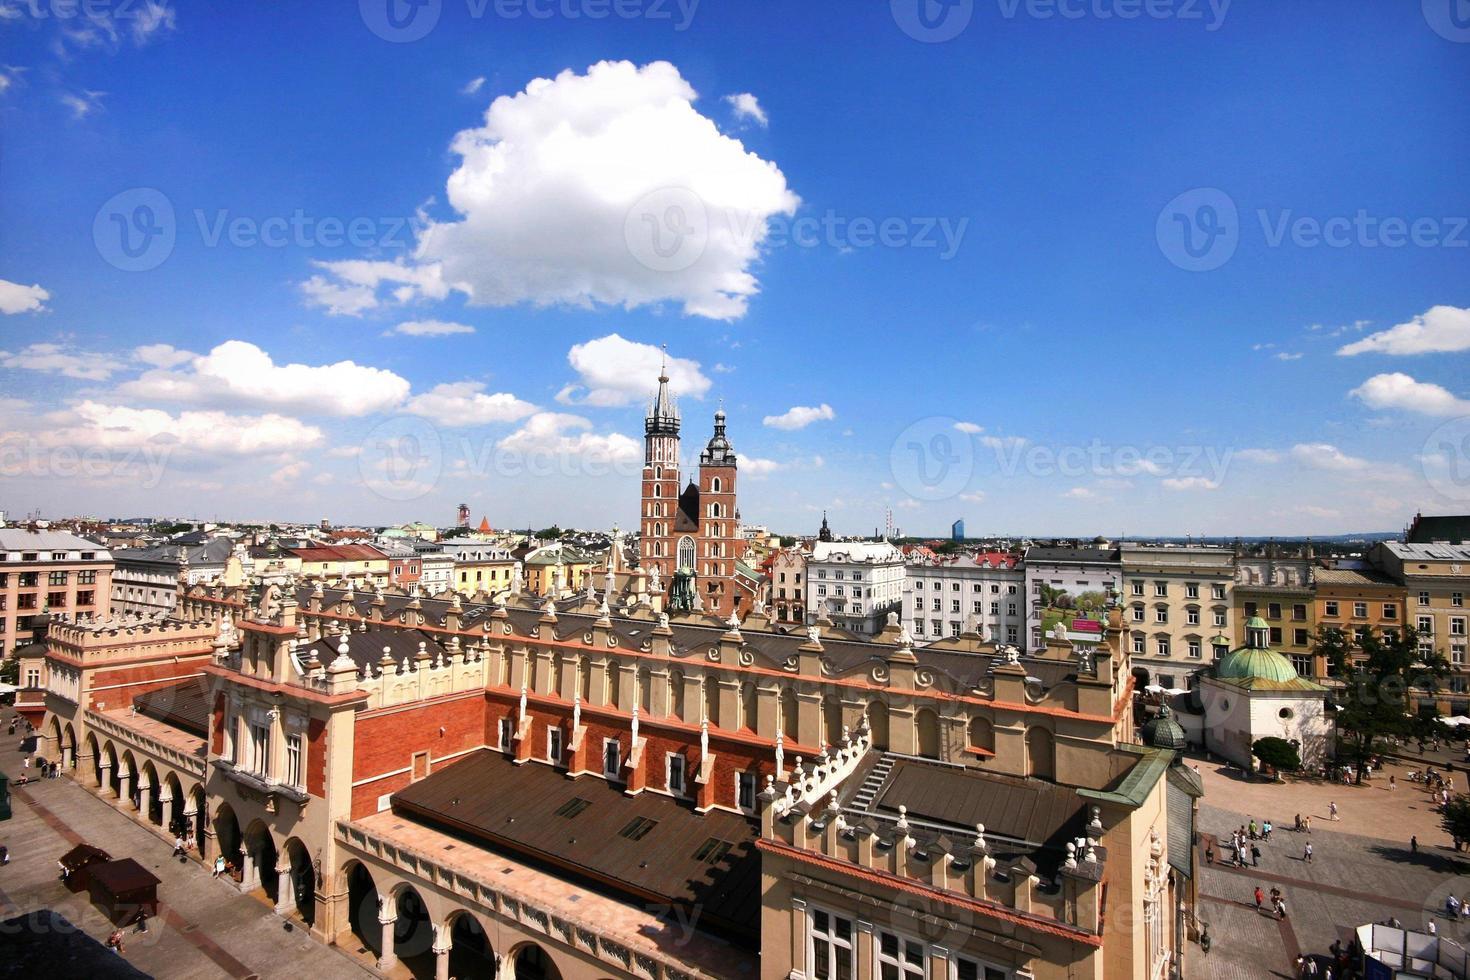 chiesa di santa maria nel centro storico di cracovia sulla piazza principale foto